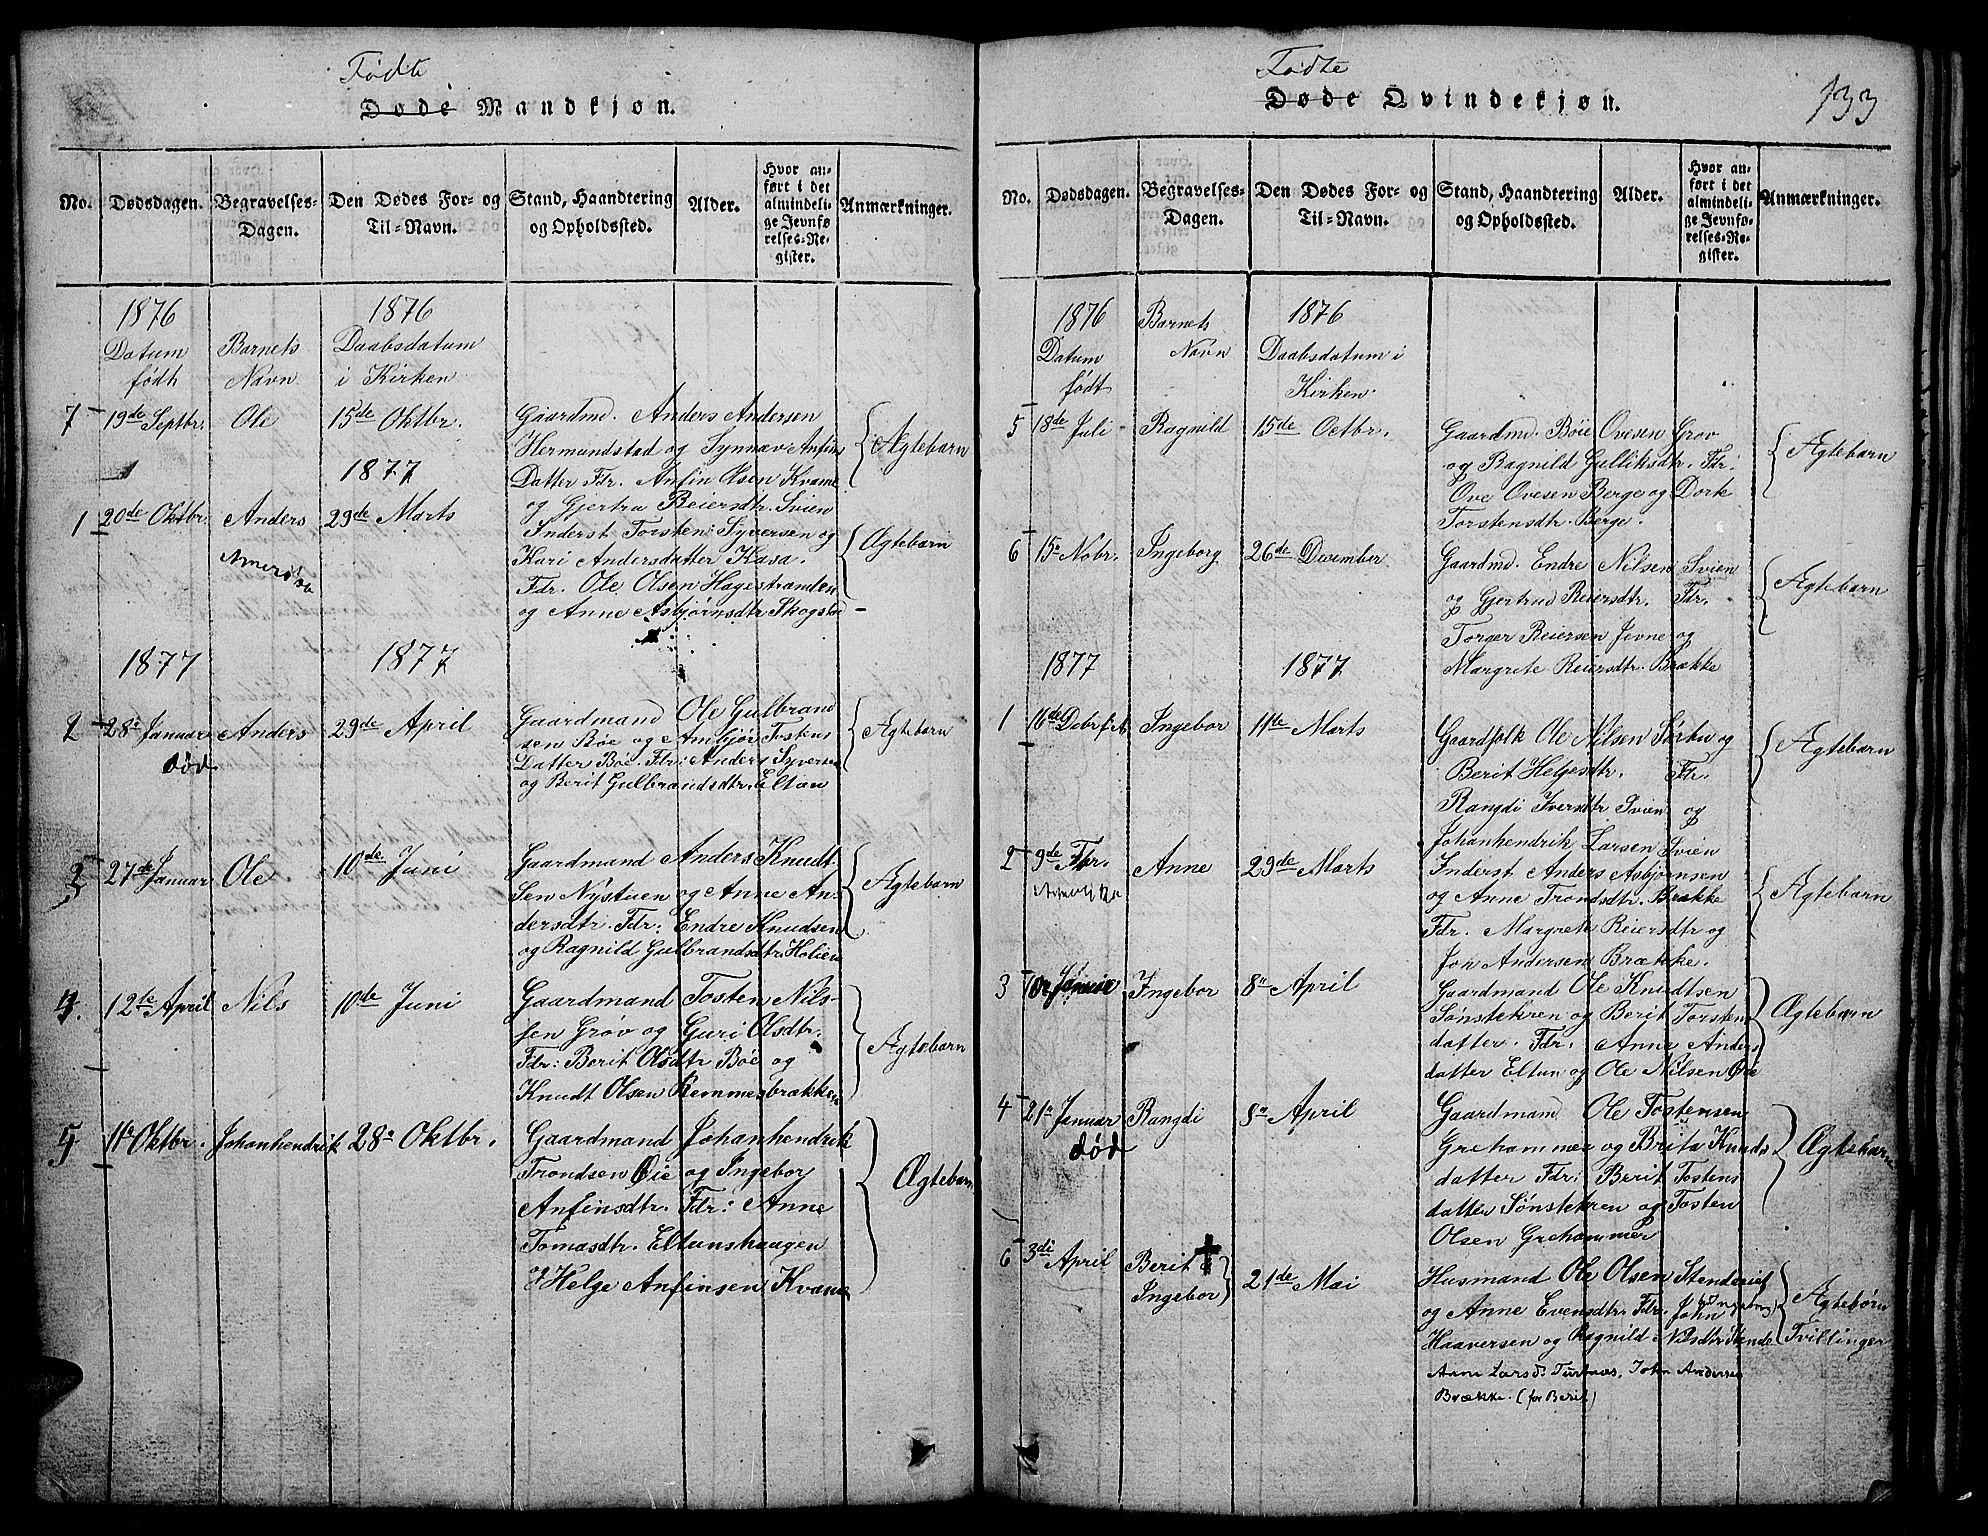 SAH, Vang prestekontor, Valdres, Klokkerbok nr. 2, 1814-1889, s. 133